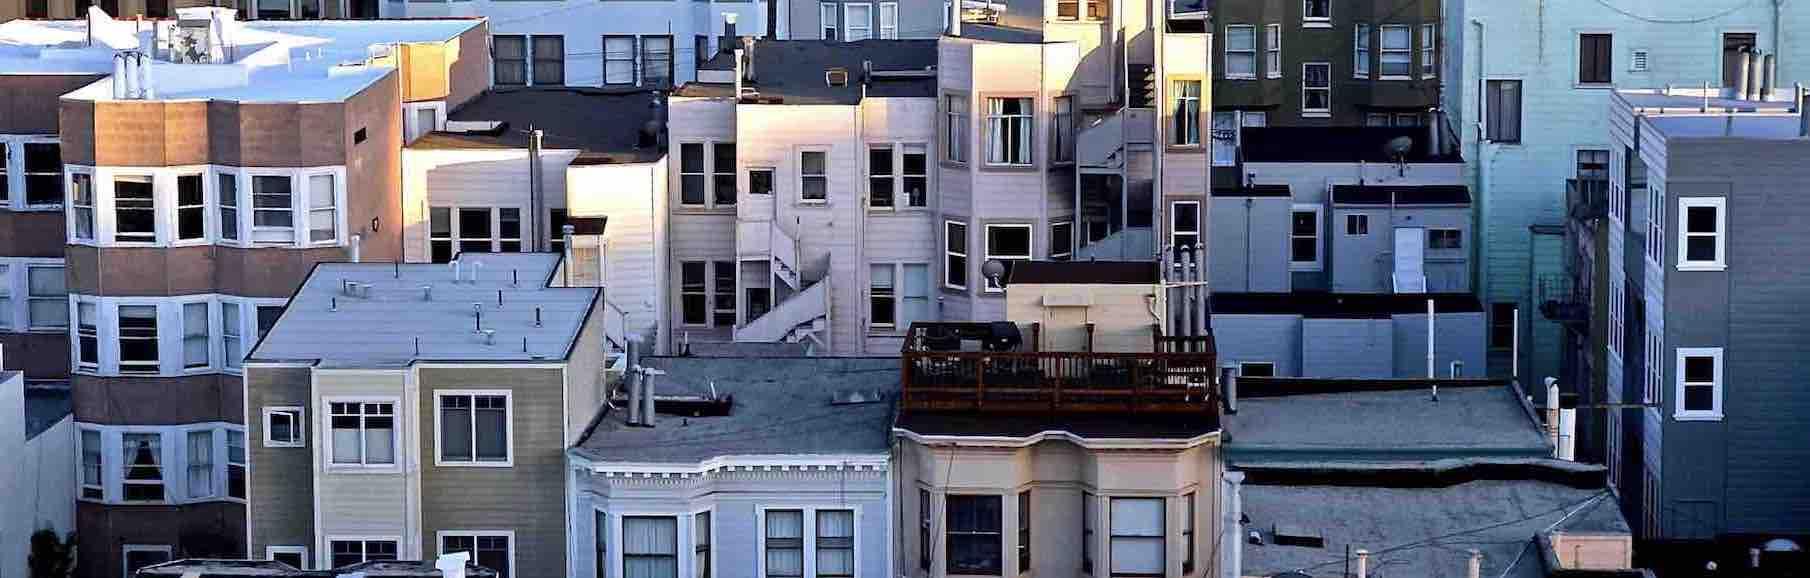 Devenir_agent_immobilier_sans_diplome